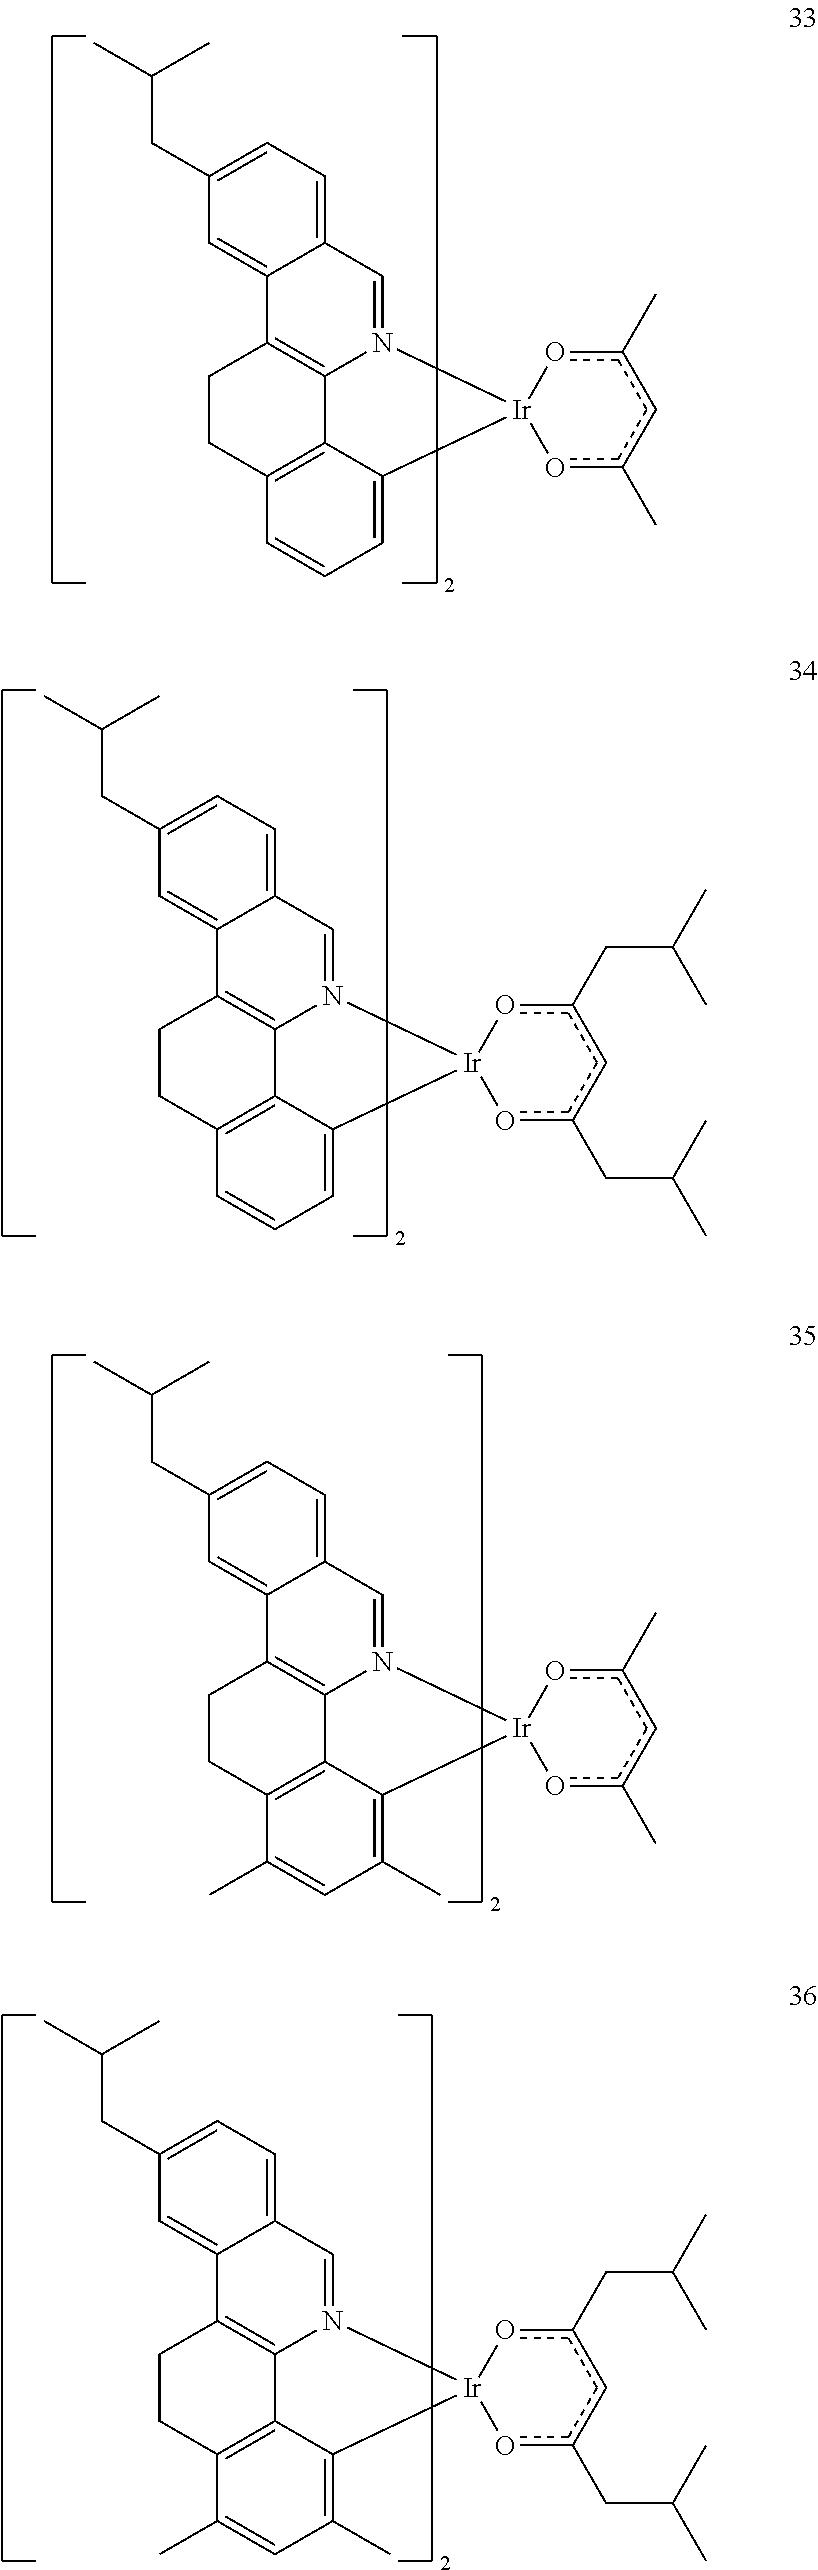 Figure US20130032785A1-20130207-C00035